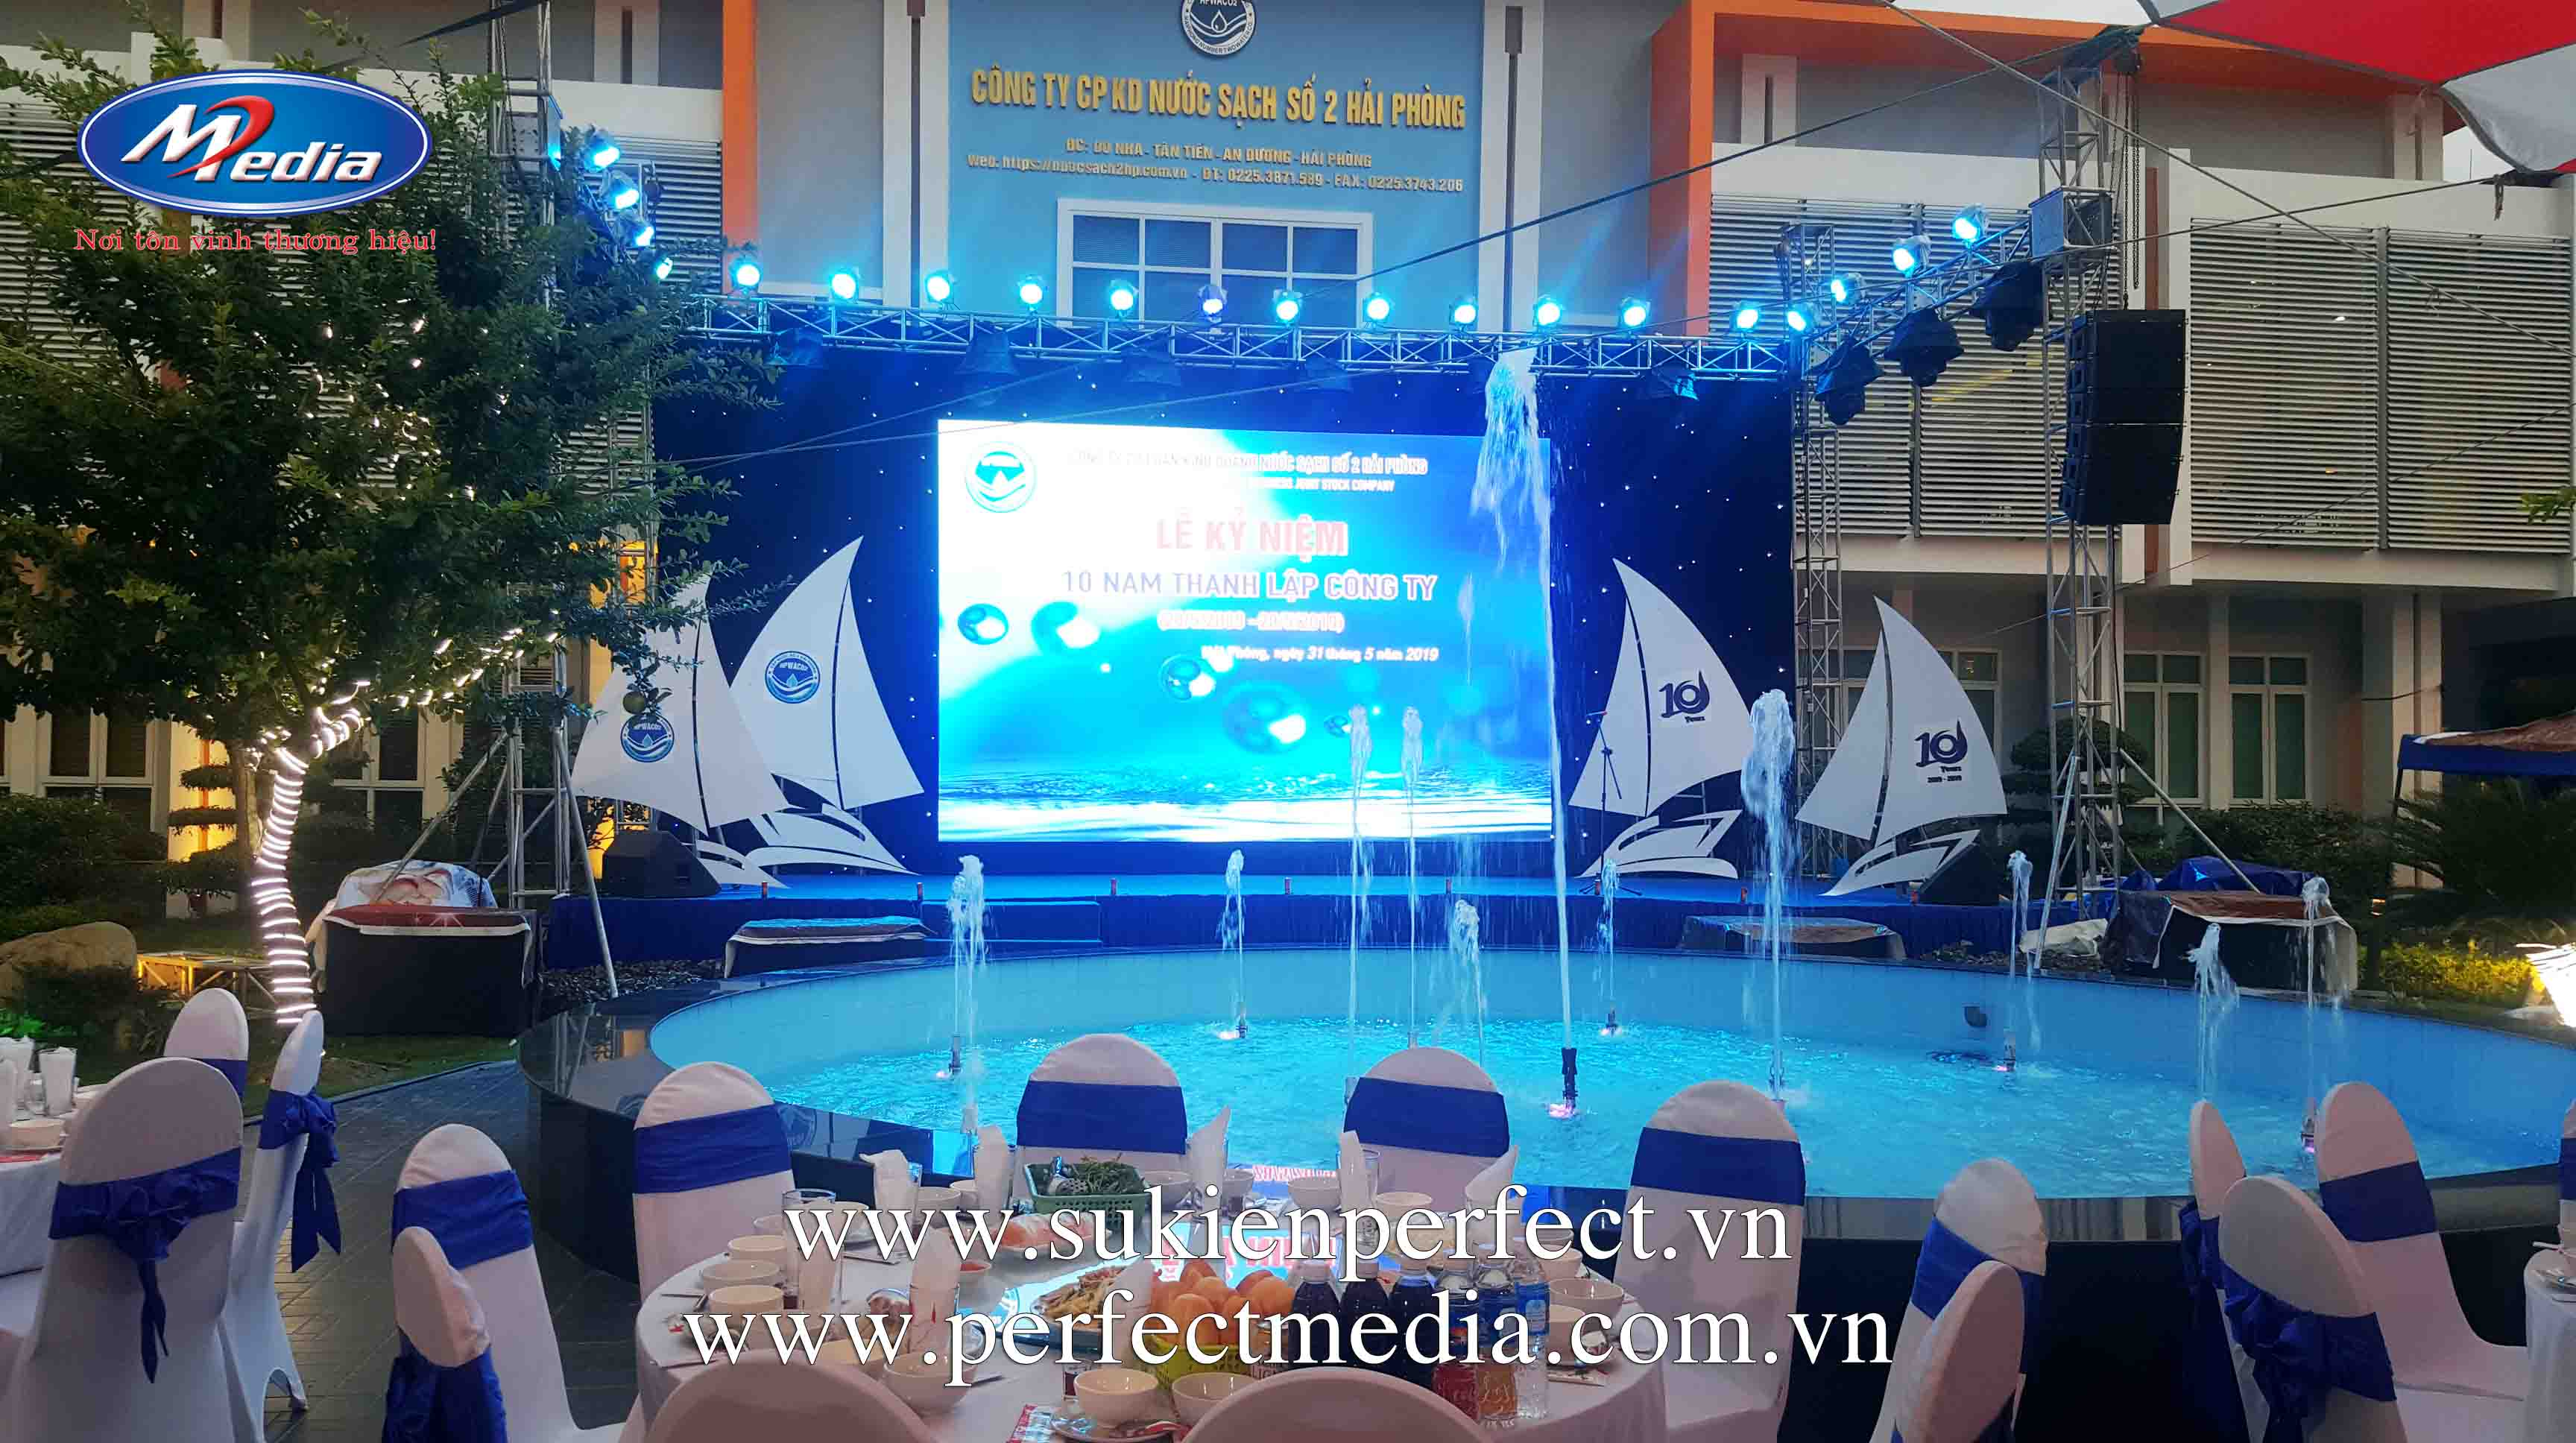 Lễ kỷ niệm 10 năm thành lập công ty Nước sạch số 2 Hải Phòng5aa